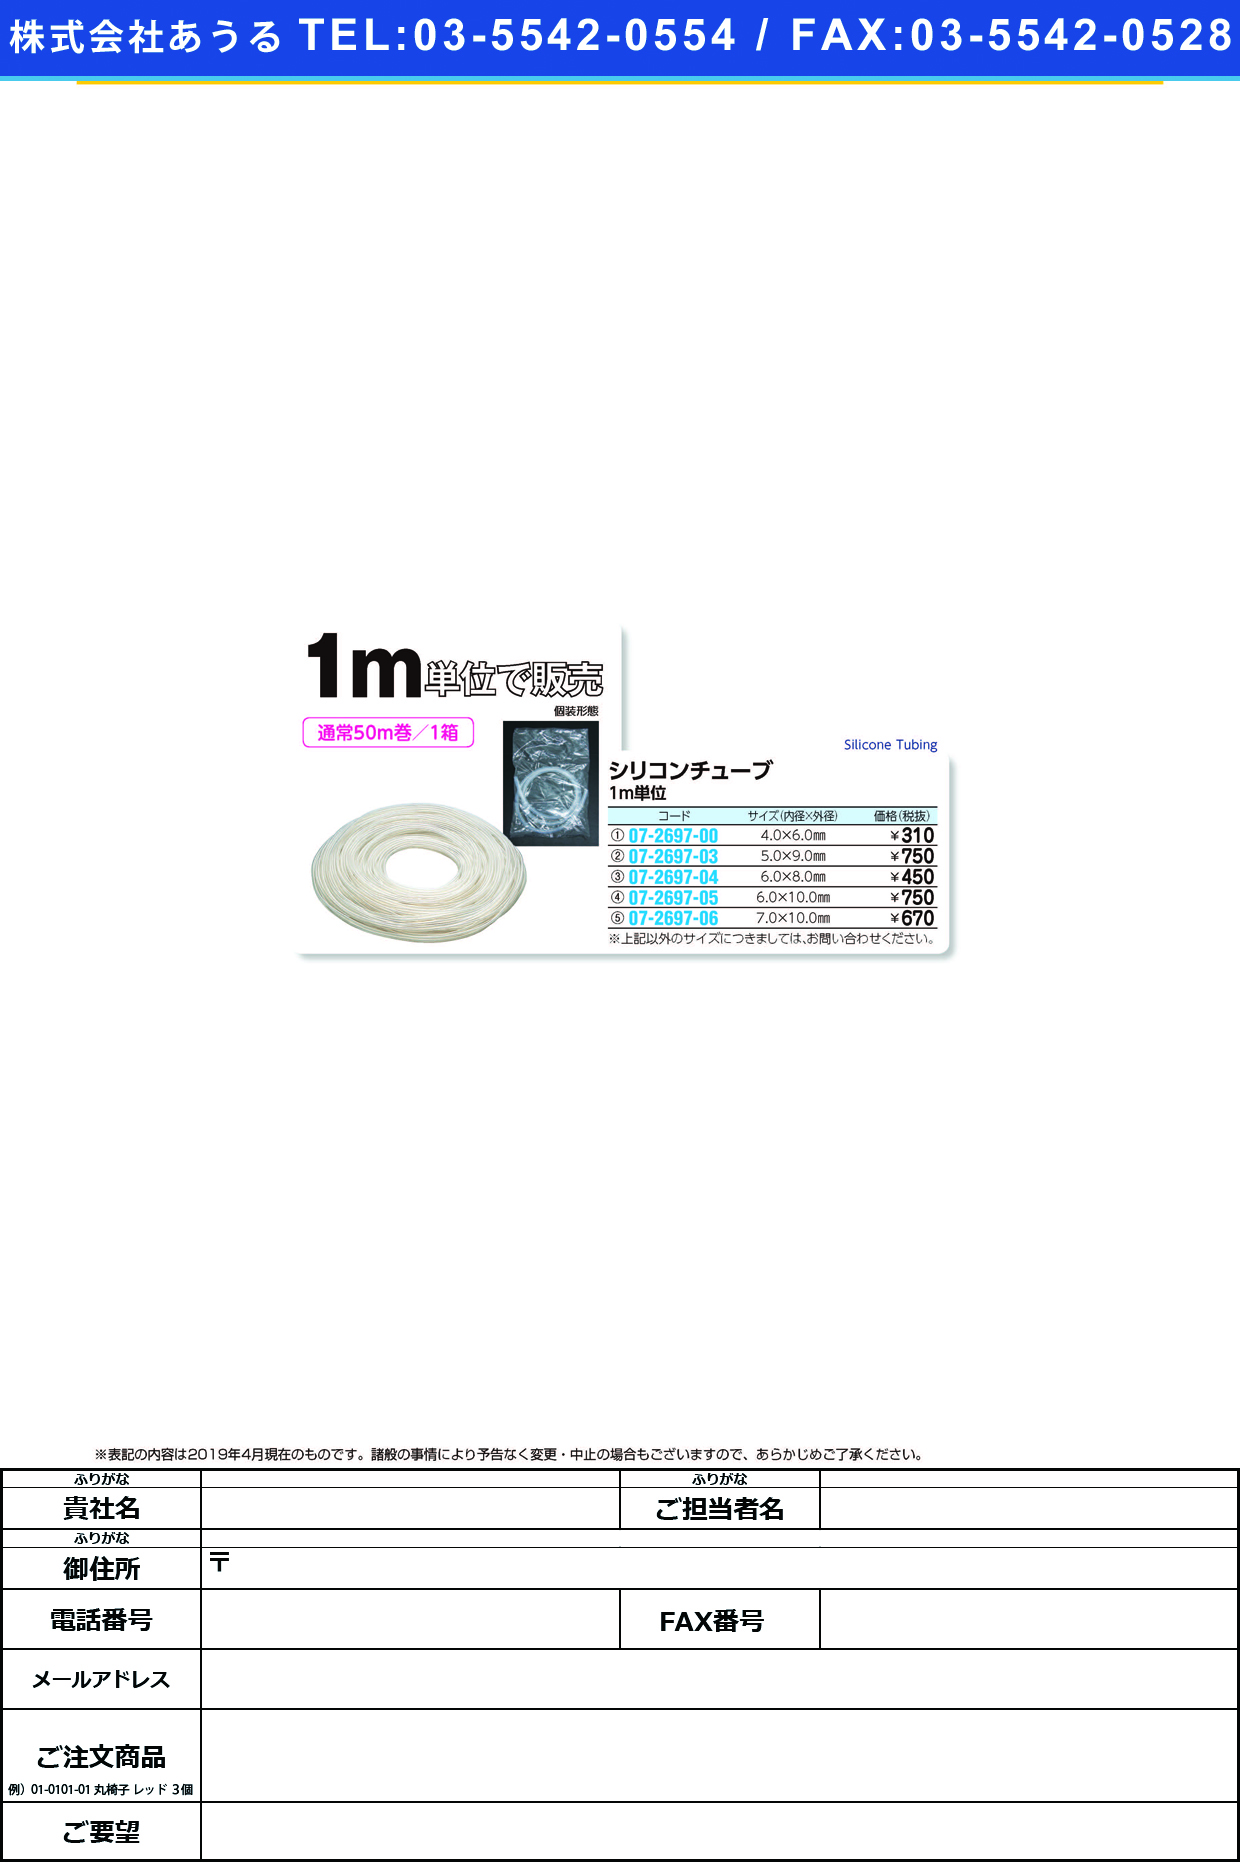 (07-2697-00)シリコンチューブ(バラ) 4X6MM シリコンチューブ(バラ)【1m単位】【2019年カタログ商品】